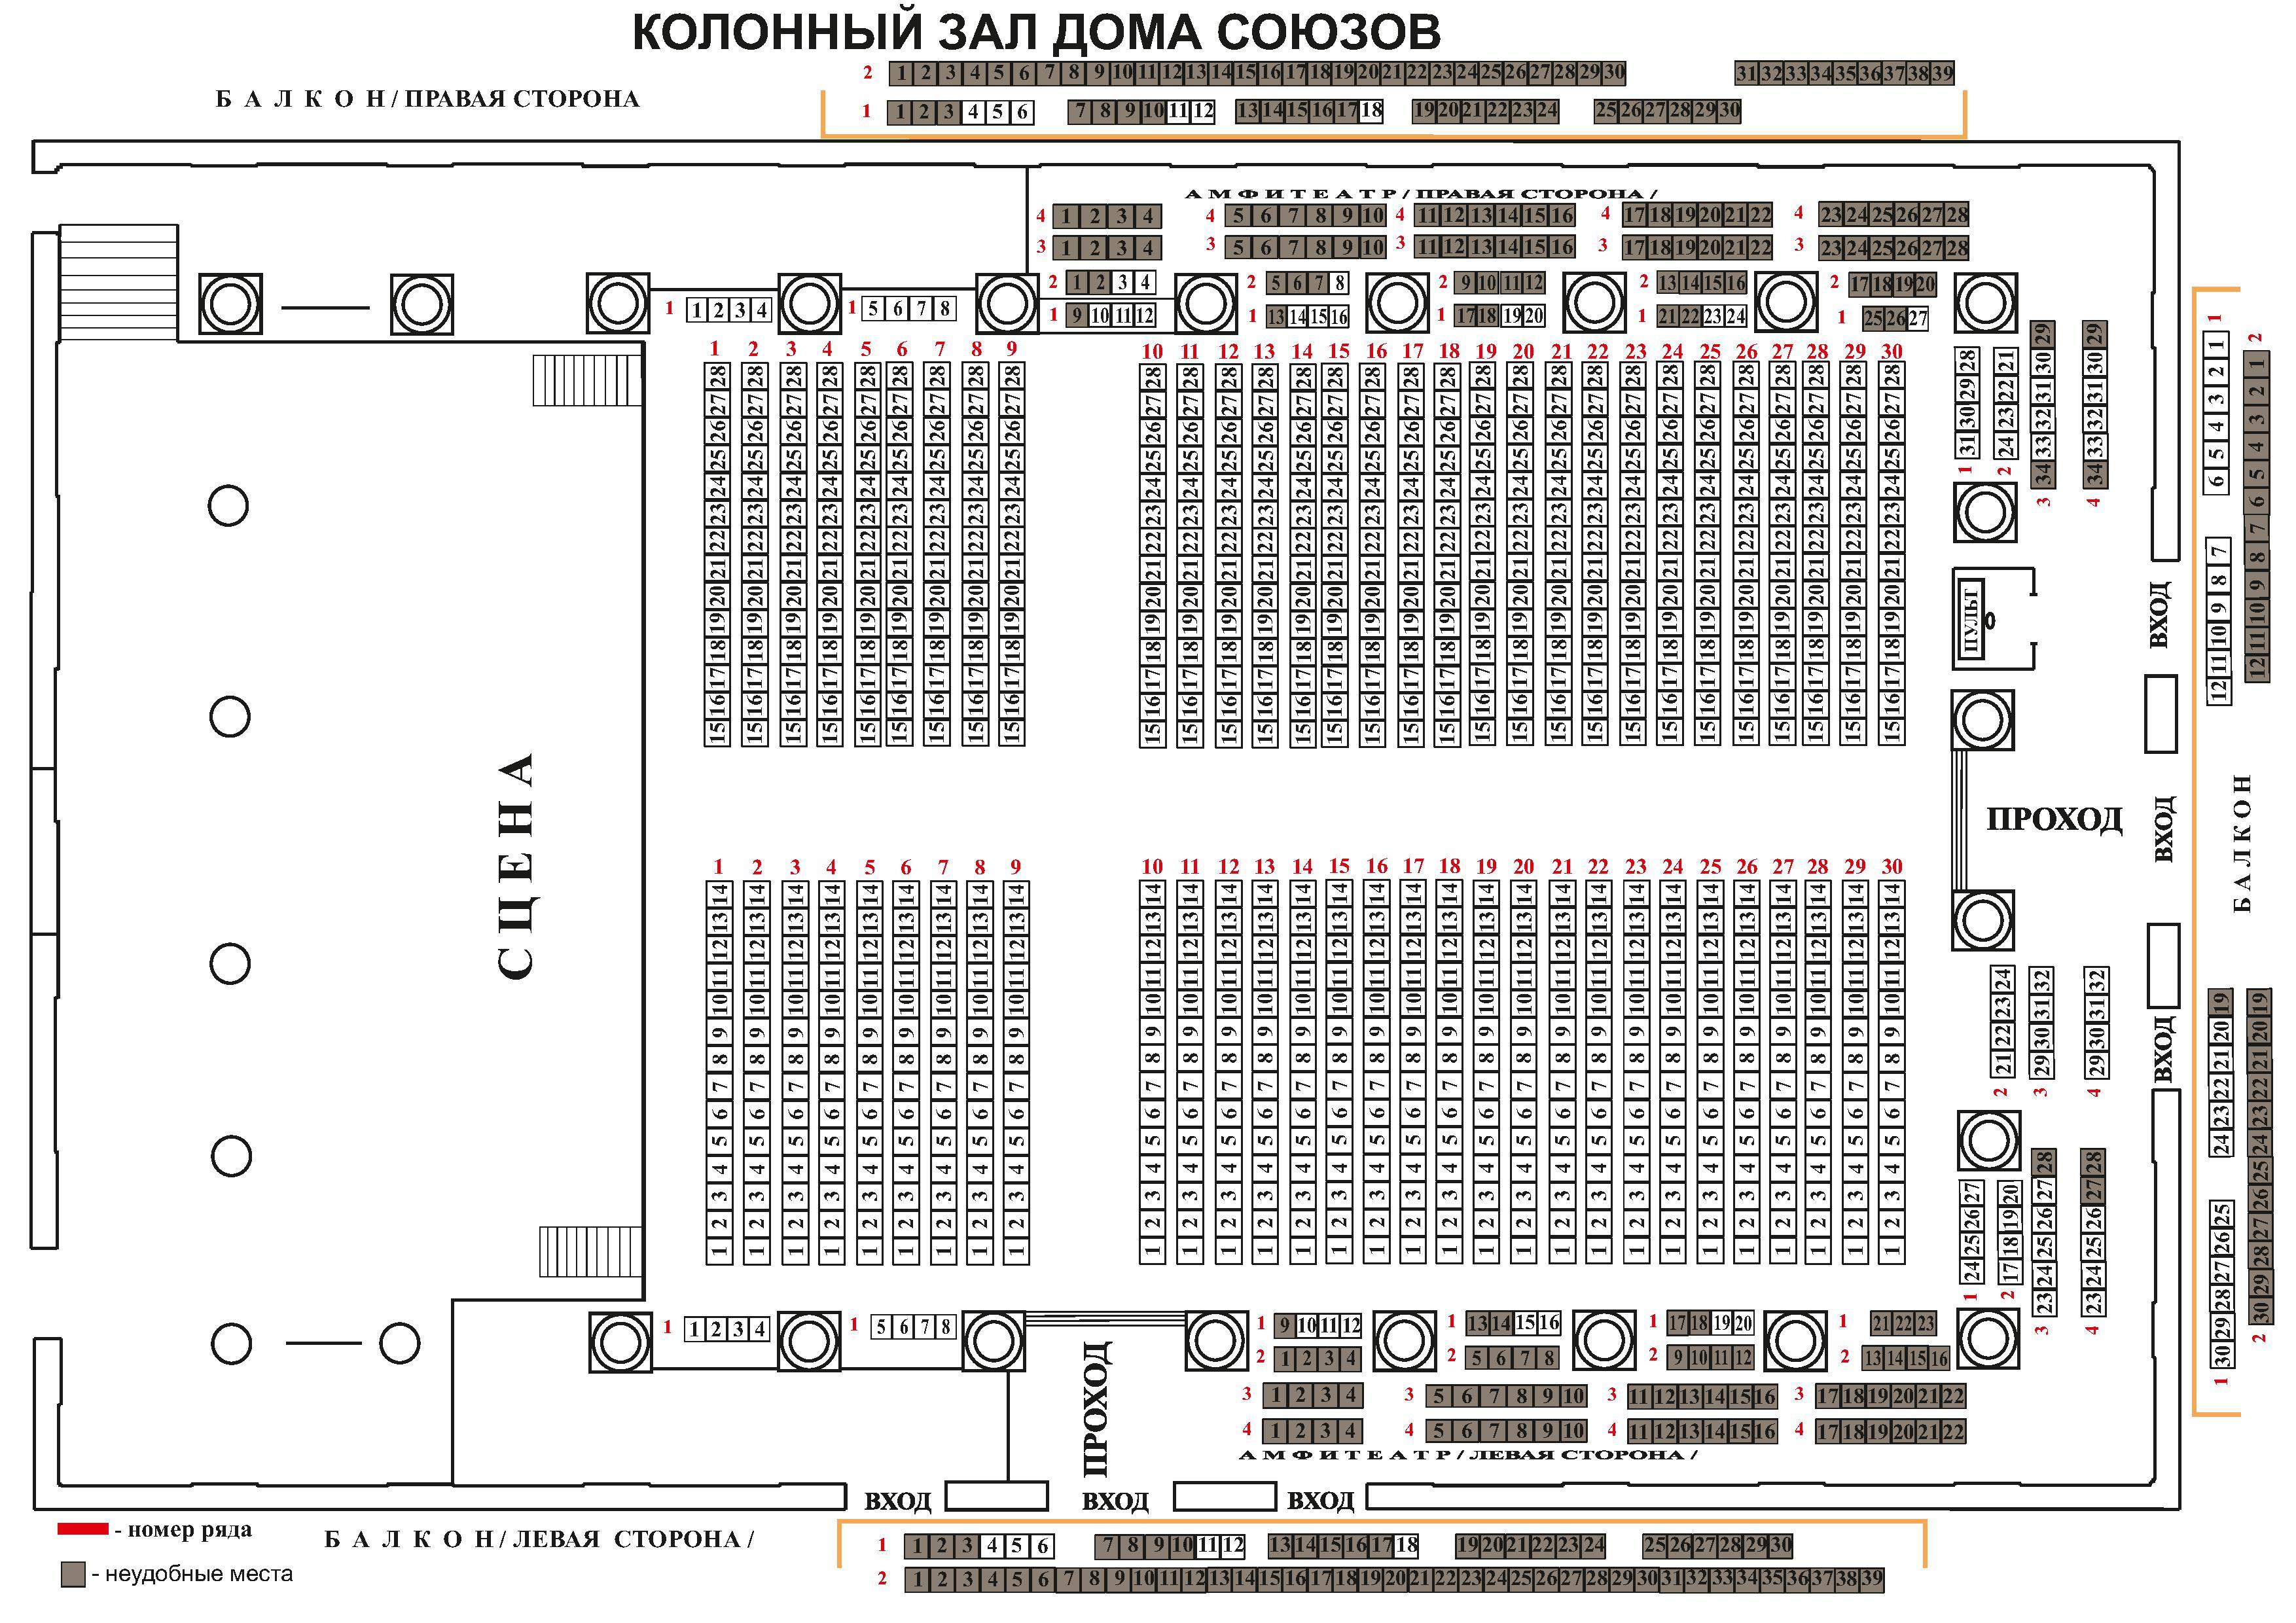 Схема зала Колонный зал Дома Союзов